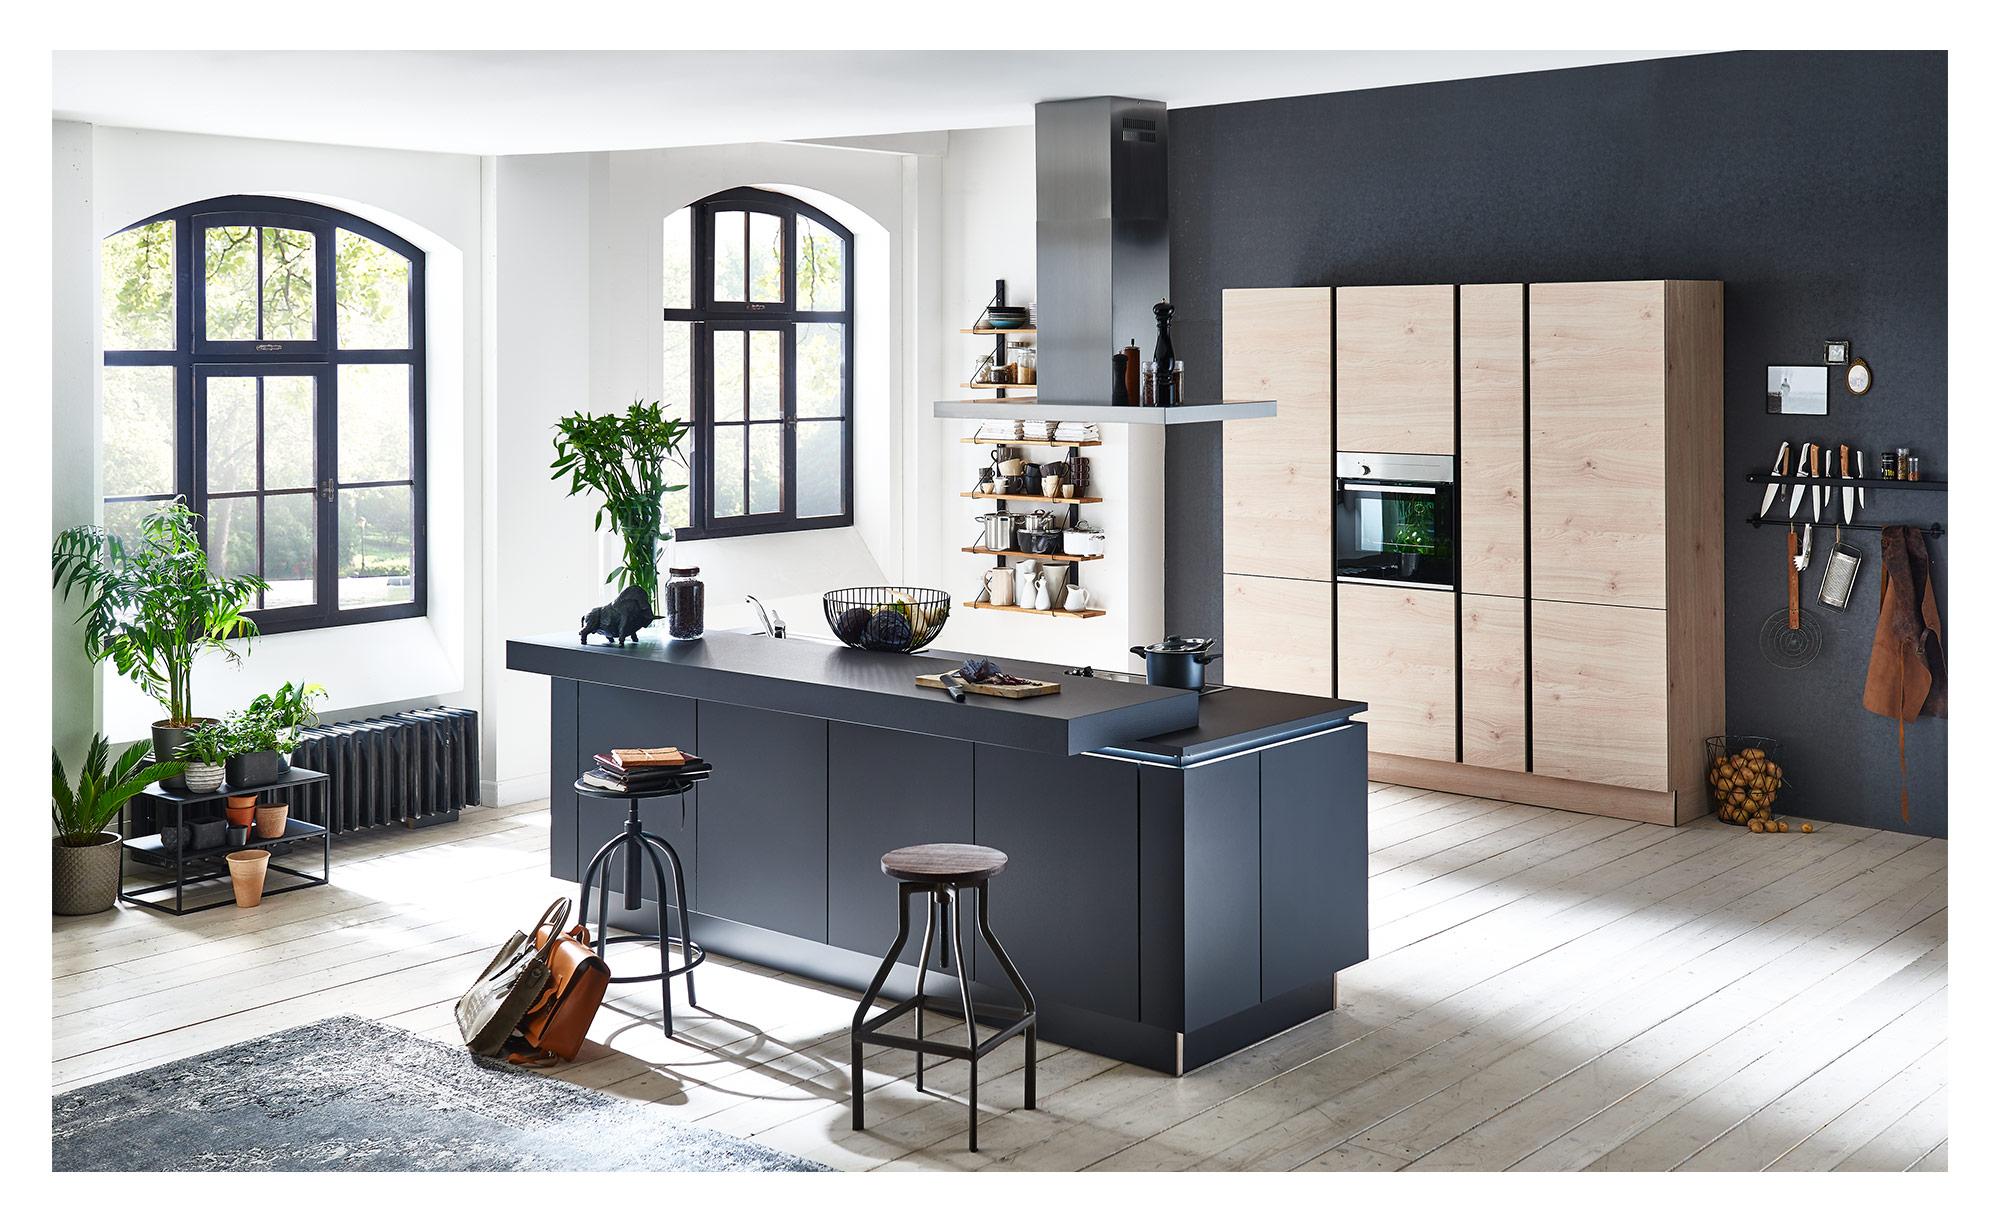 Nolte Inselkuche Plus Artwood Bei Mobel Heinrich Kaufen